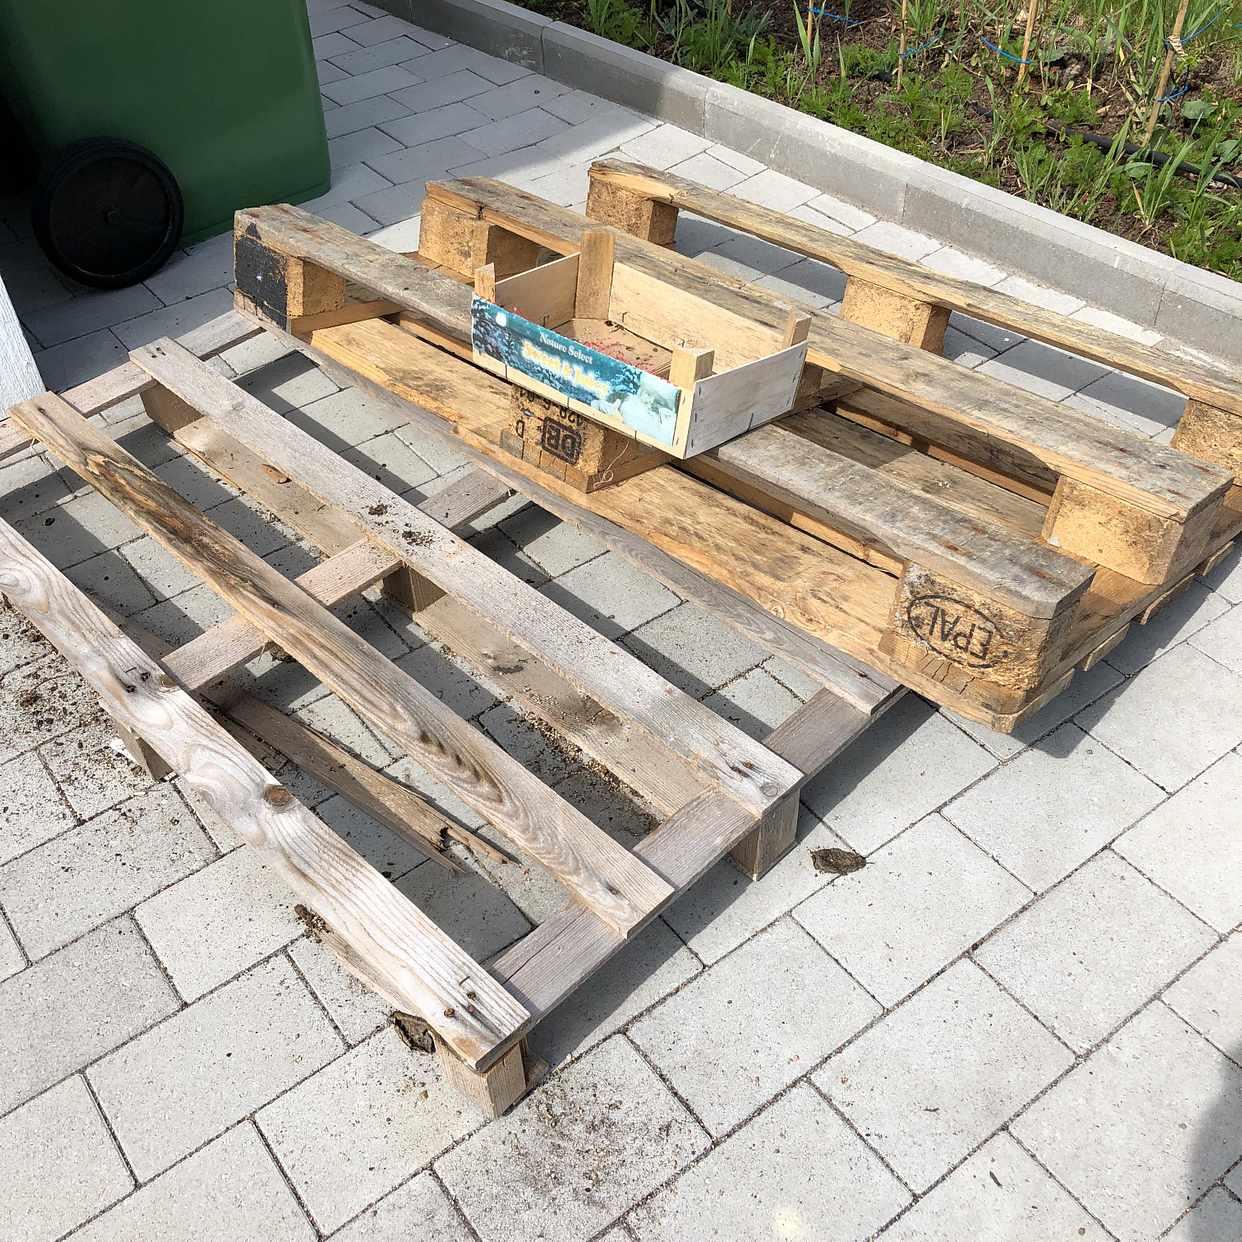 image of Trädgårdsavfall + EU-pall - Västerhaninge